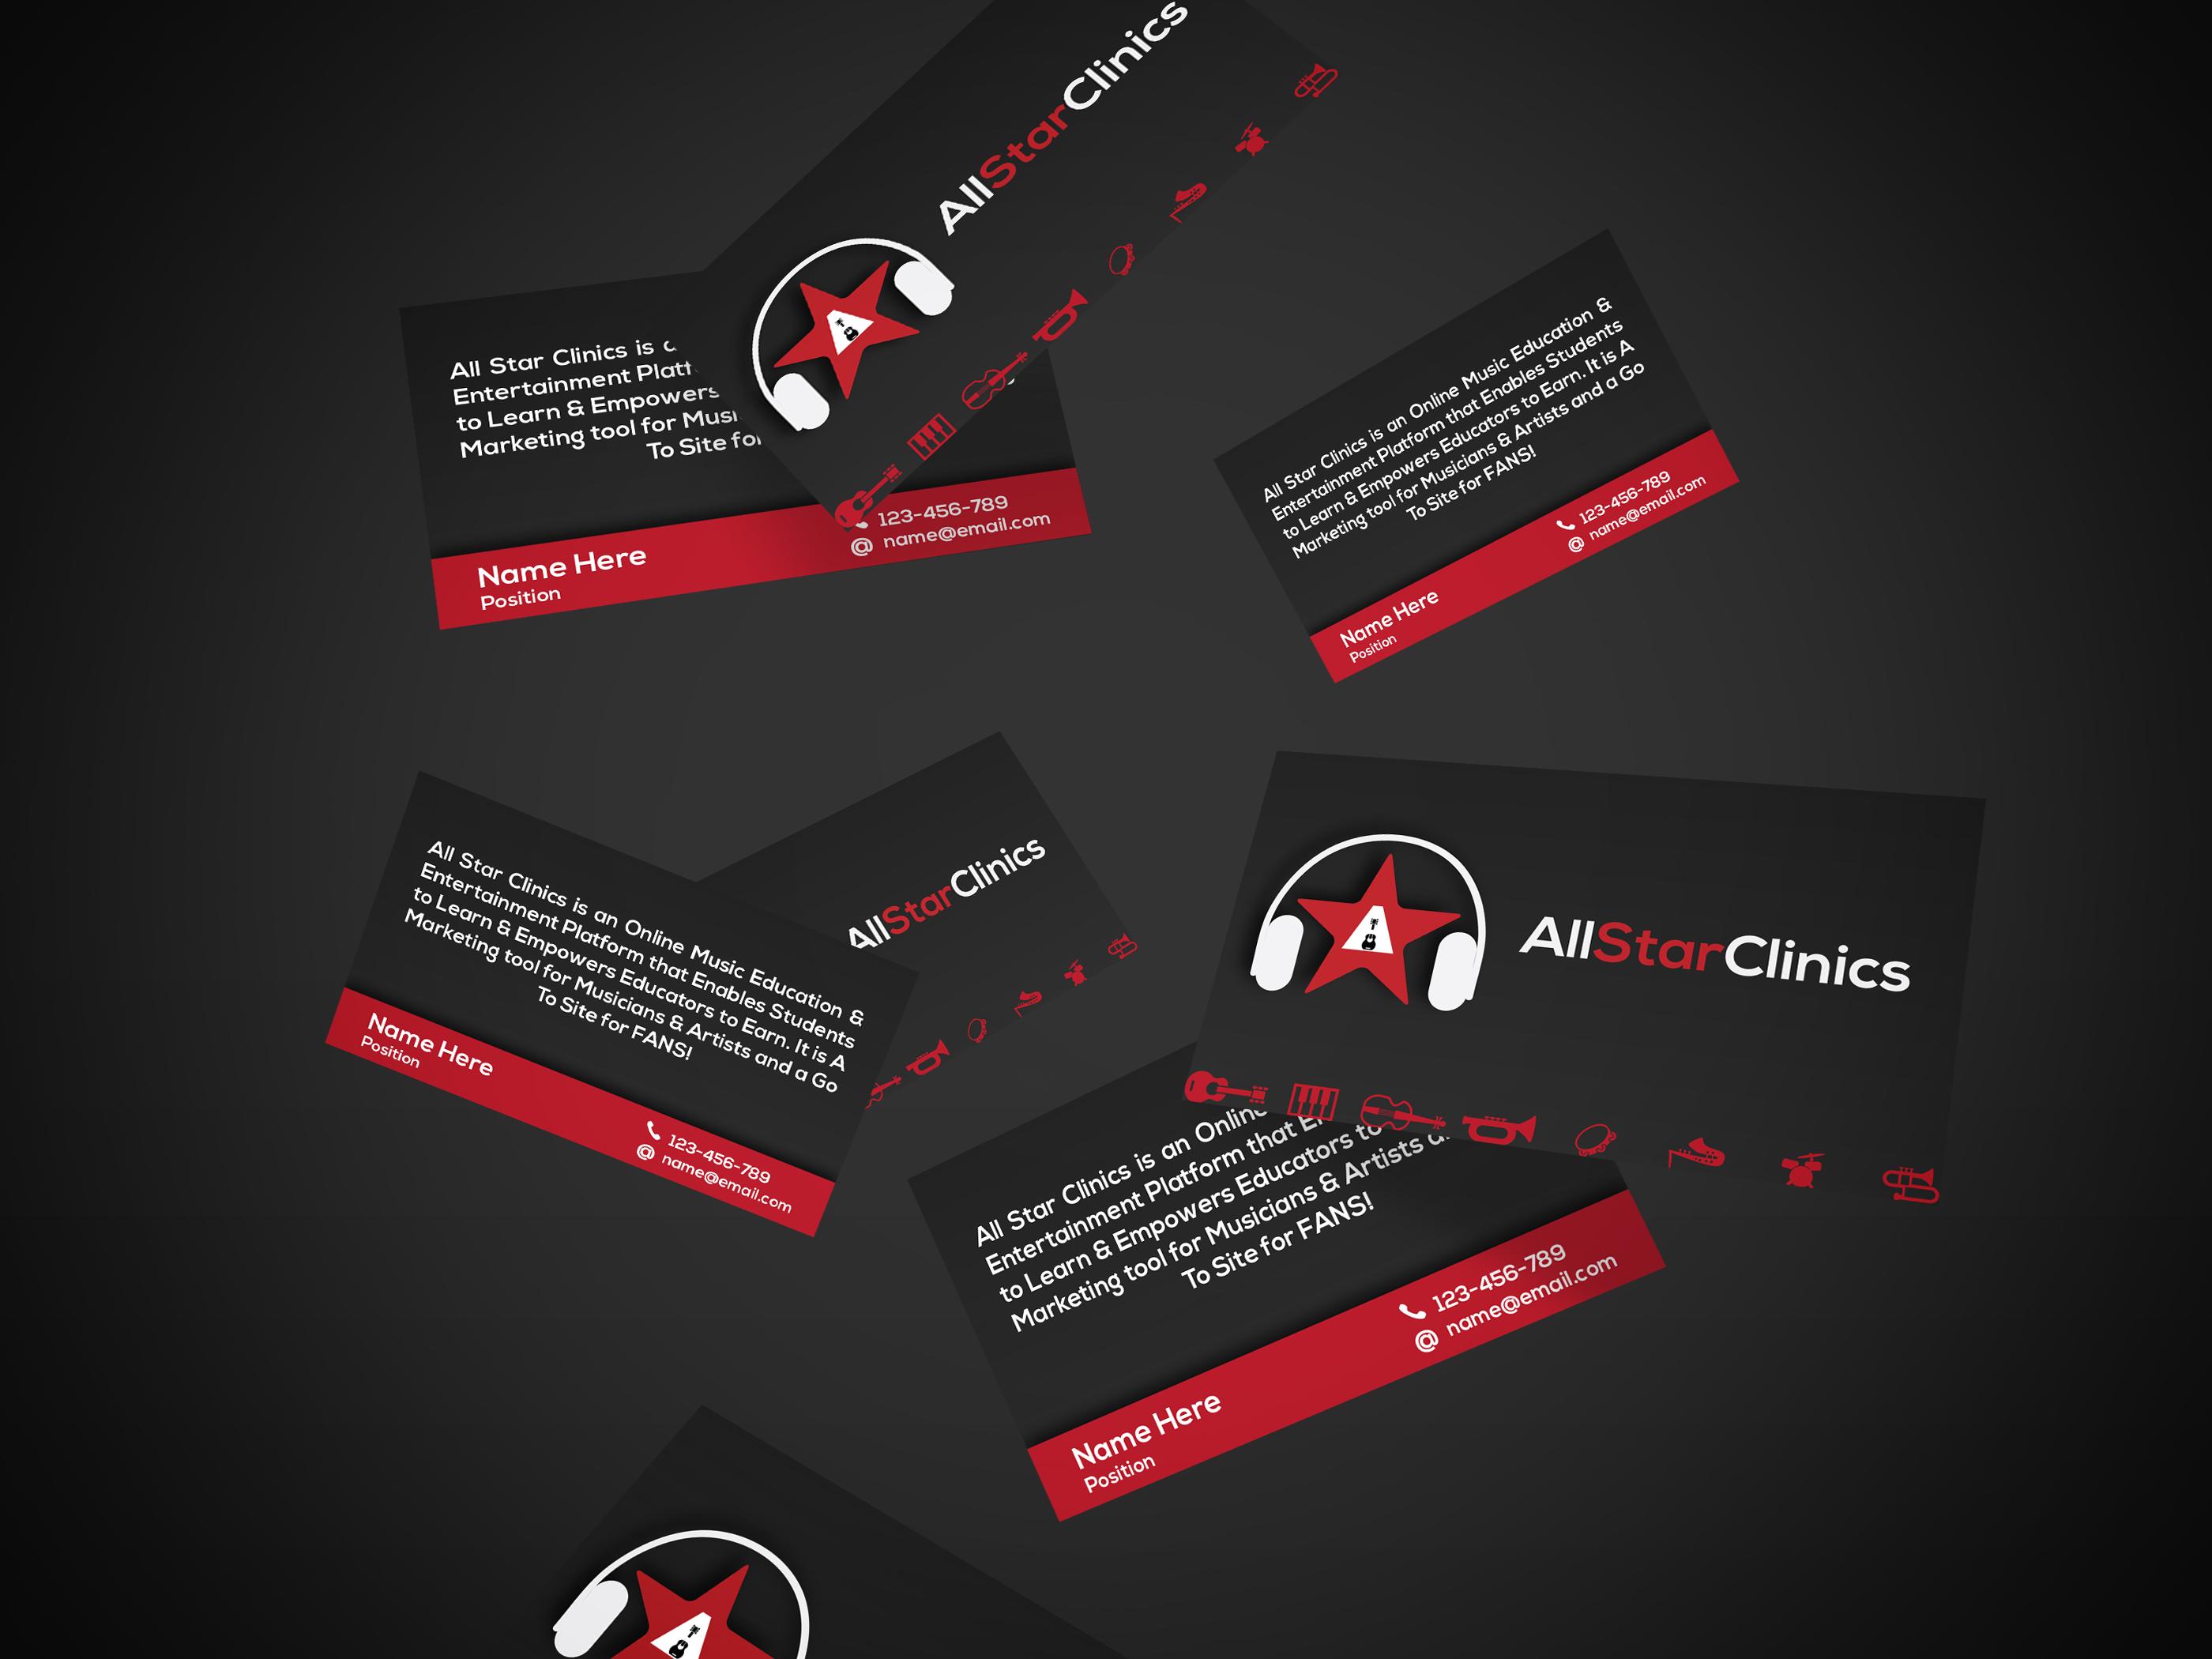 AllStarClinics Business Card